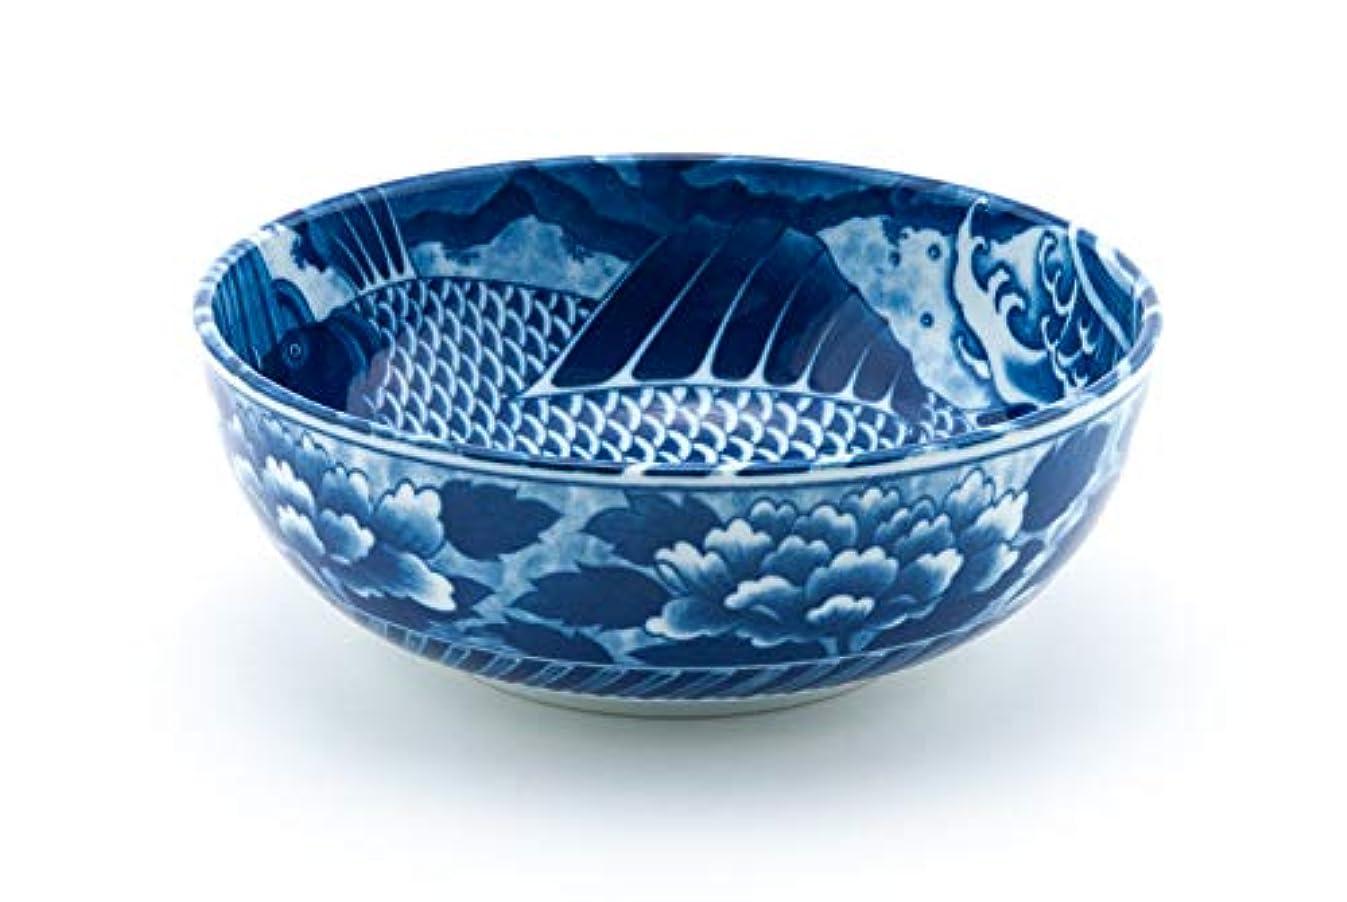 Fuji Merchandise Japanese Porcelain Large 7.75